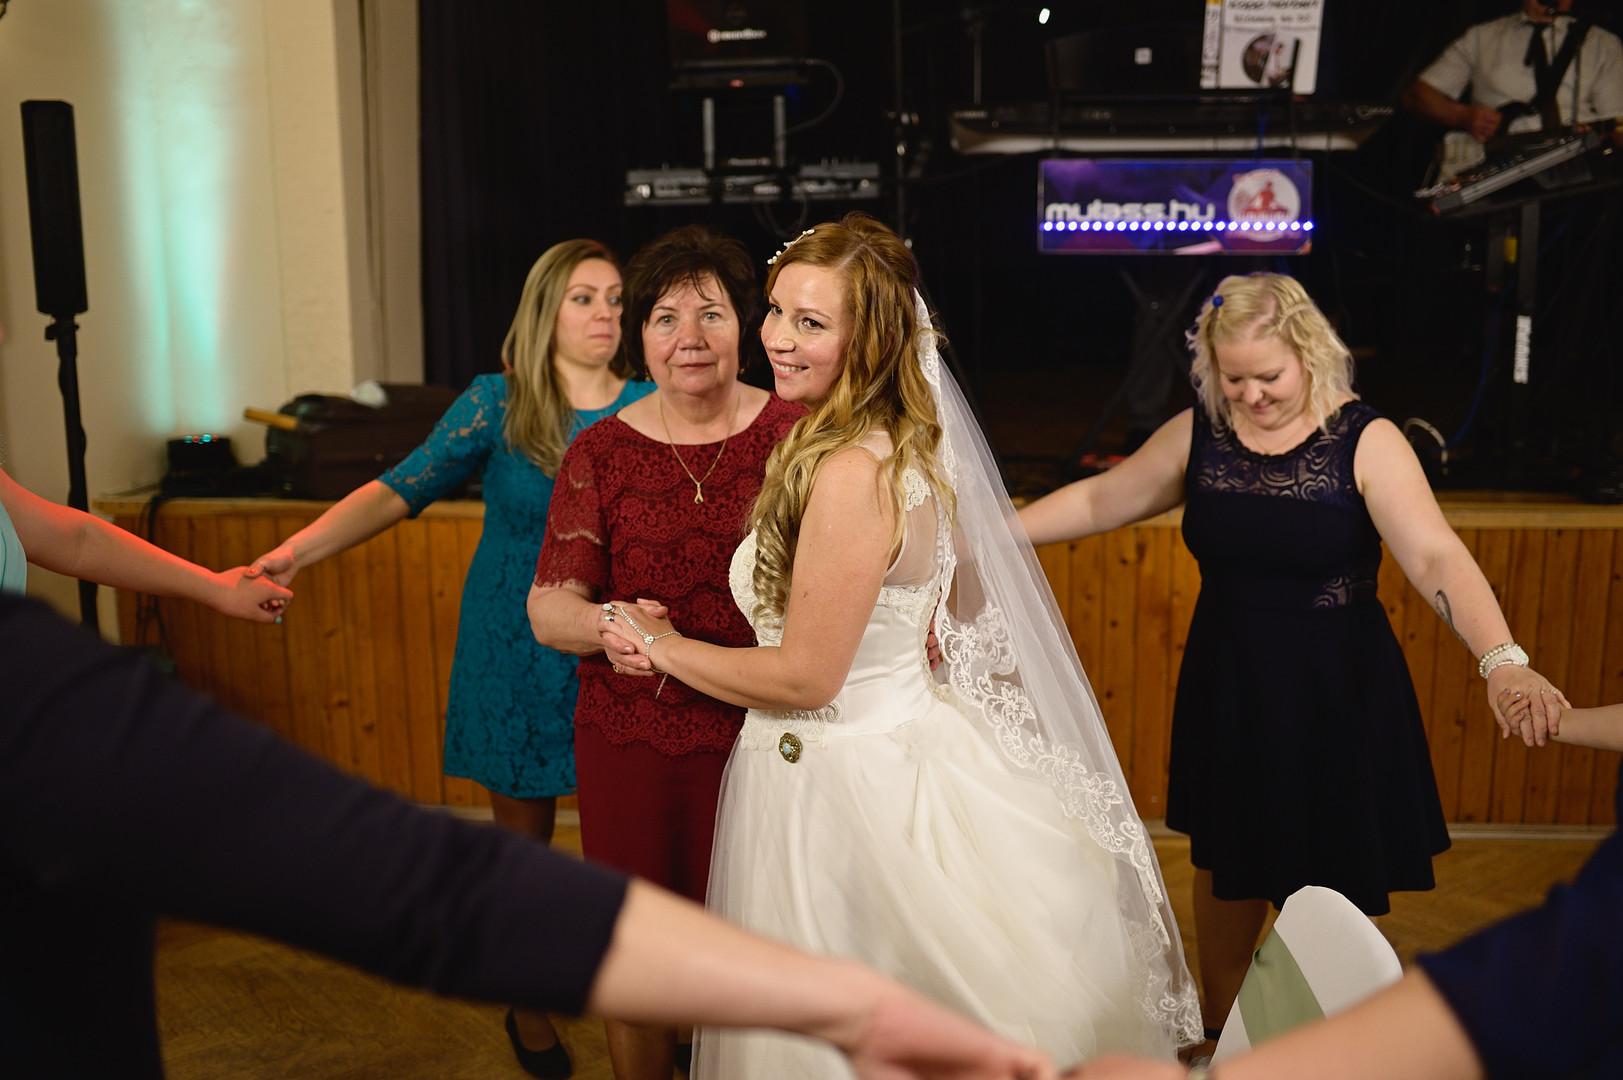 676  Esküvői fotózás - Enikő és Peti Bul